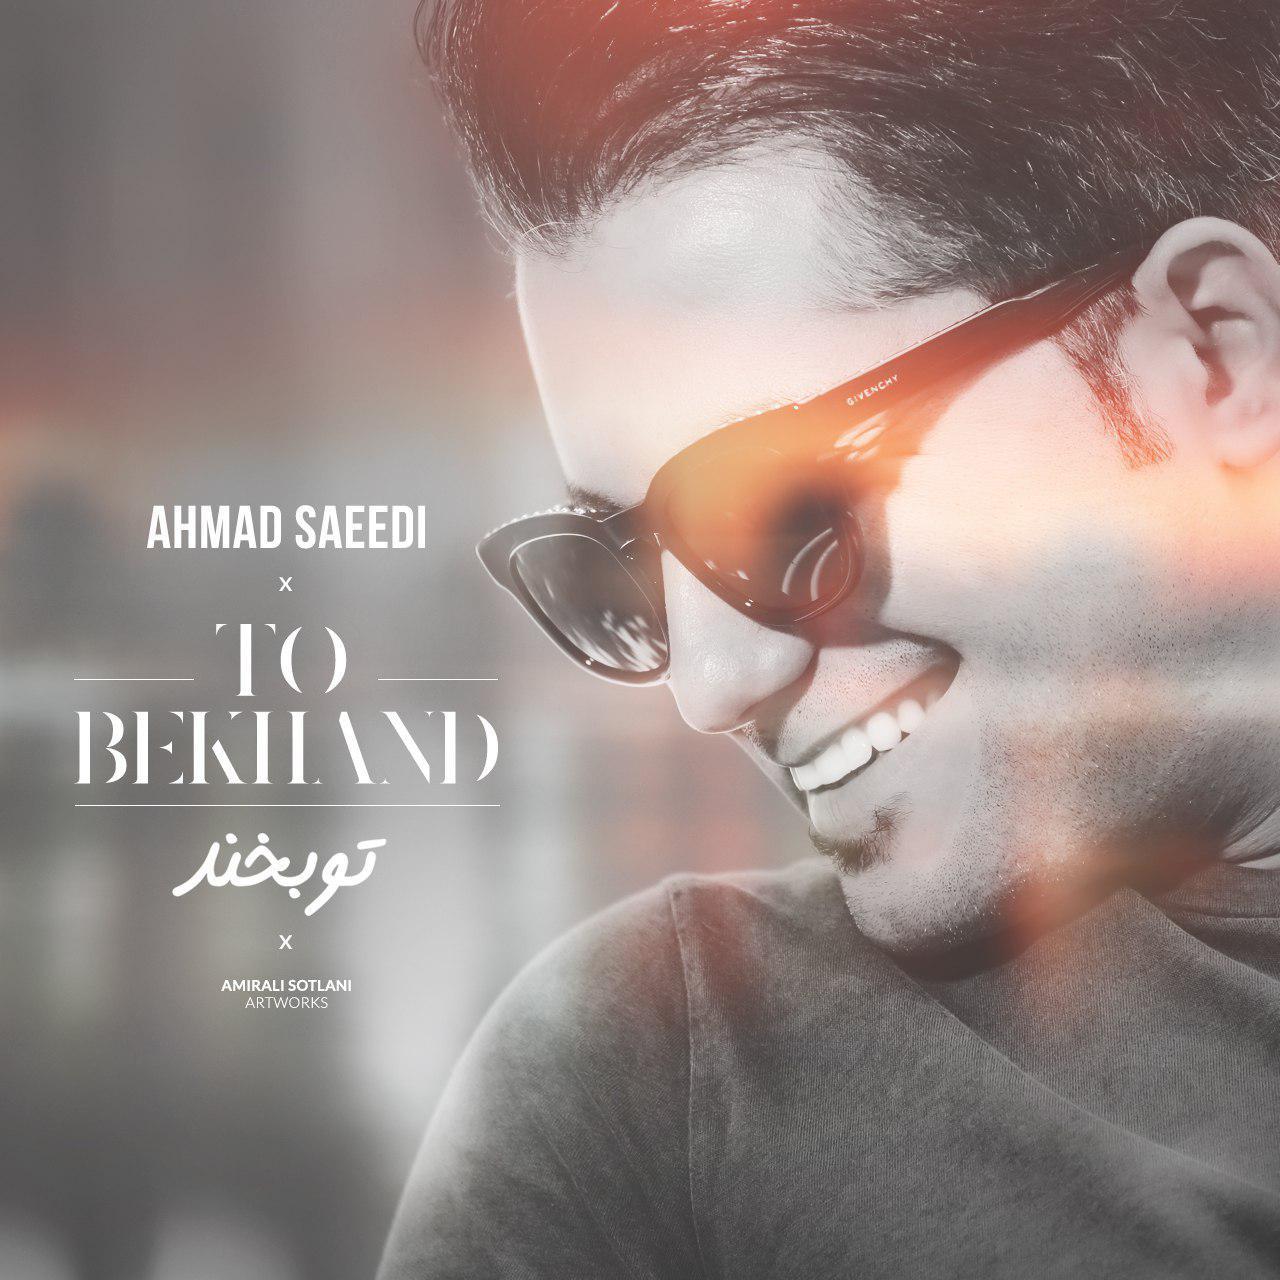 تو بخند با صدای احمد سعیدی